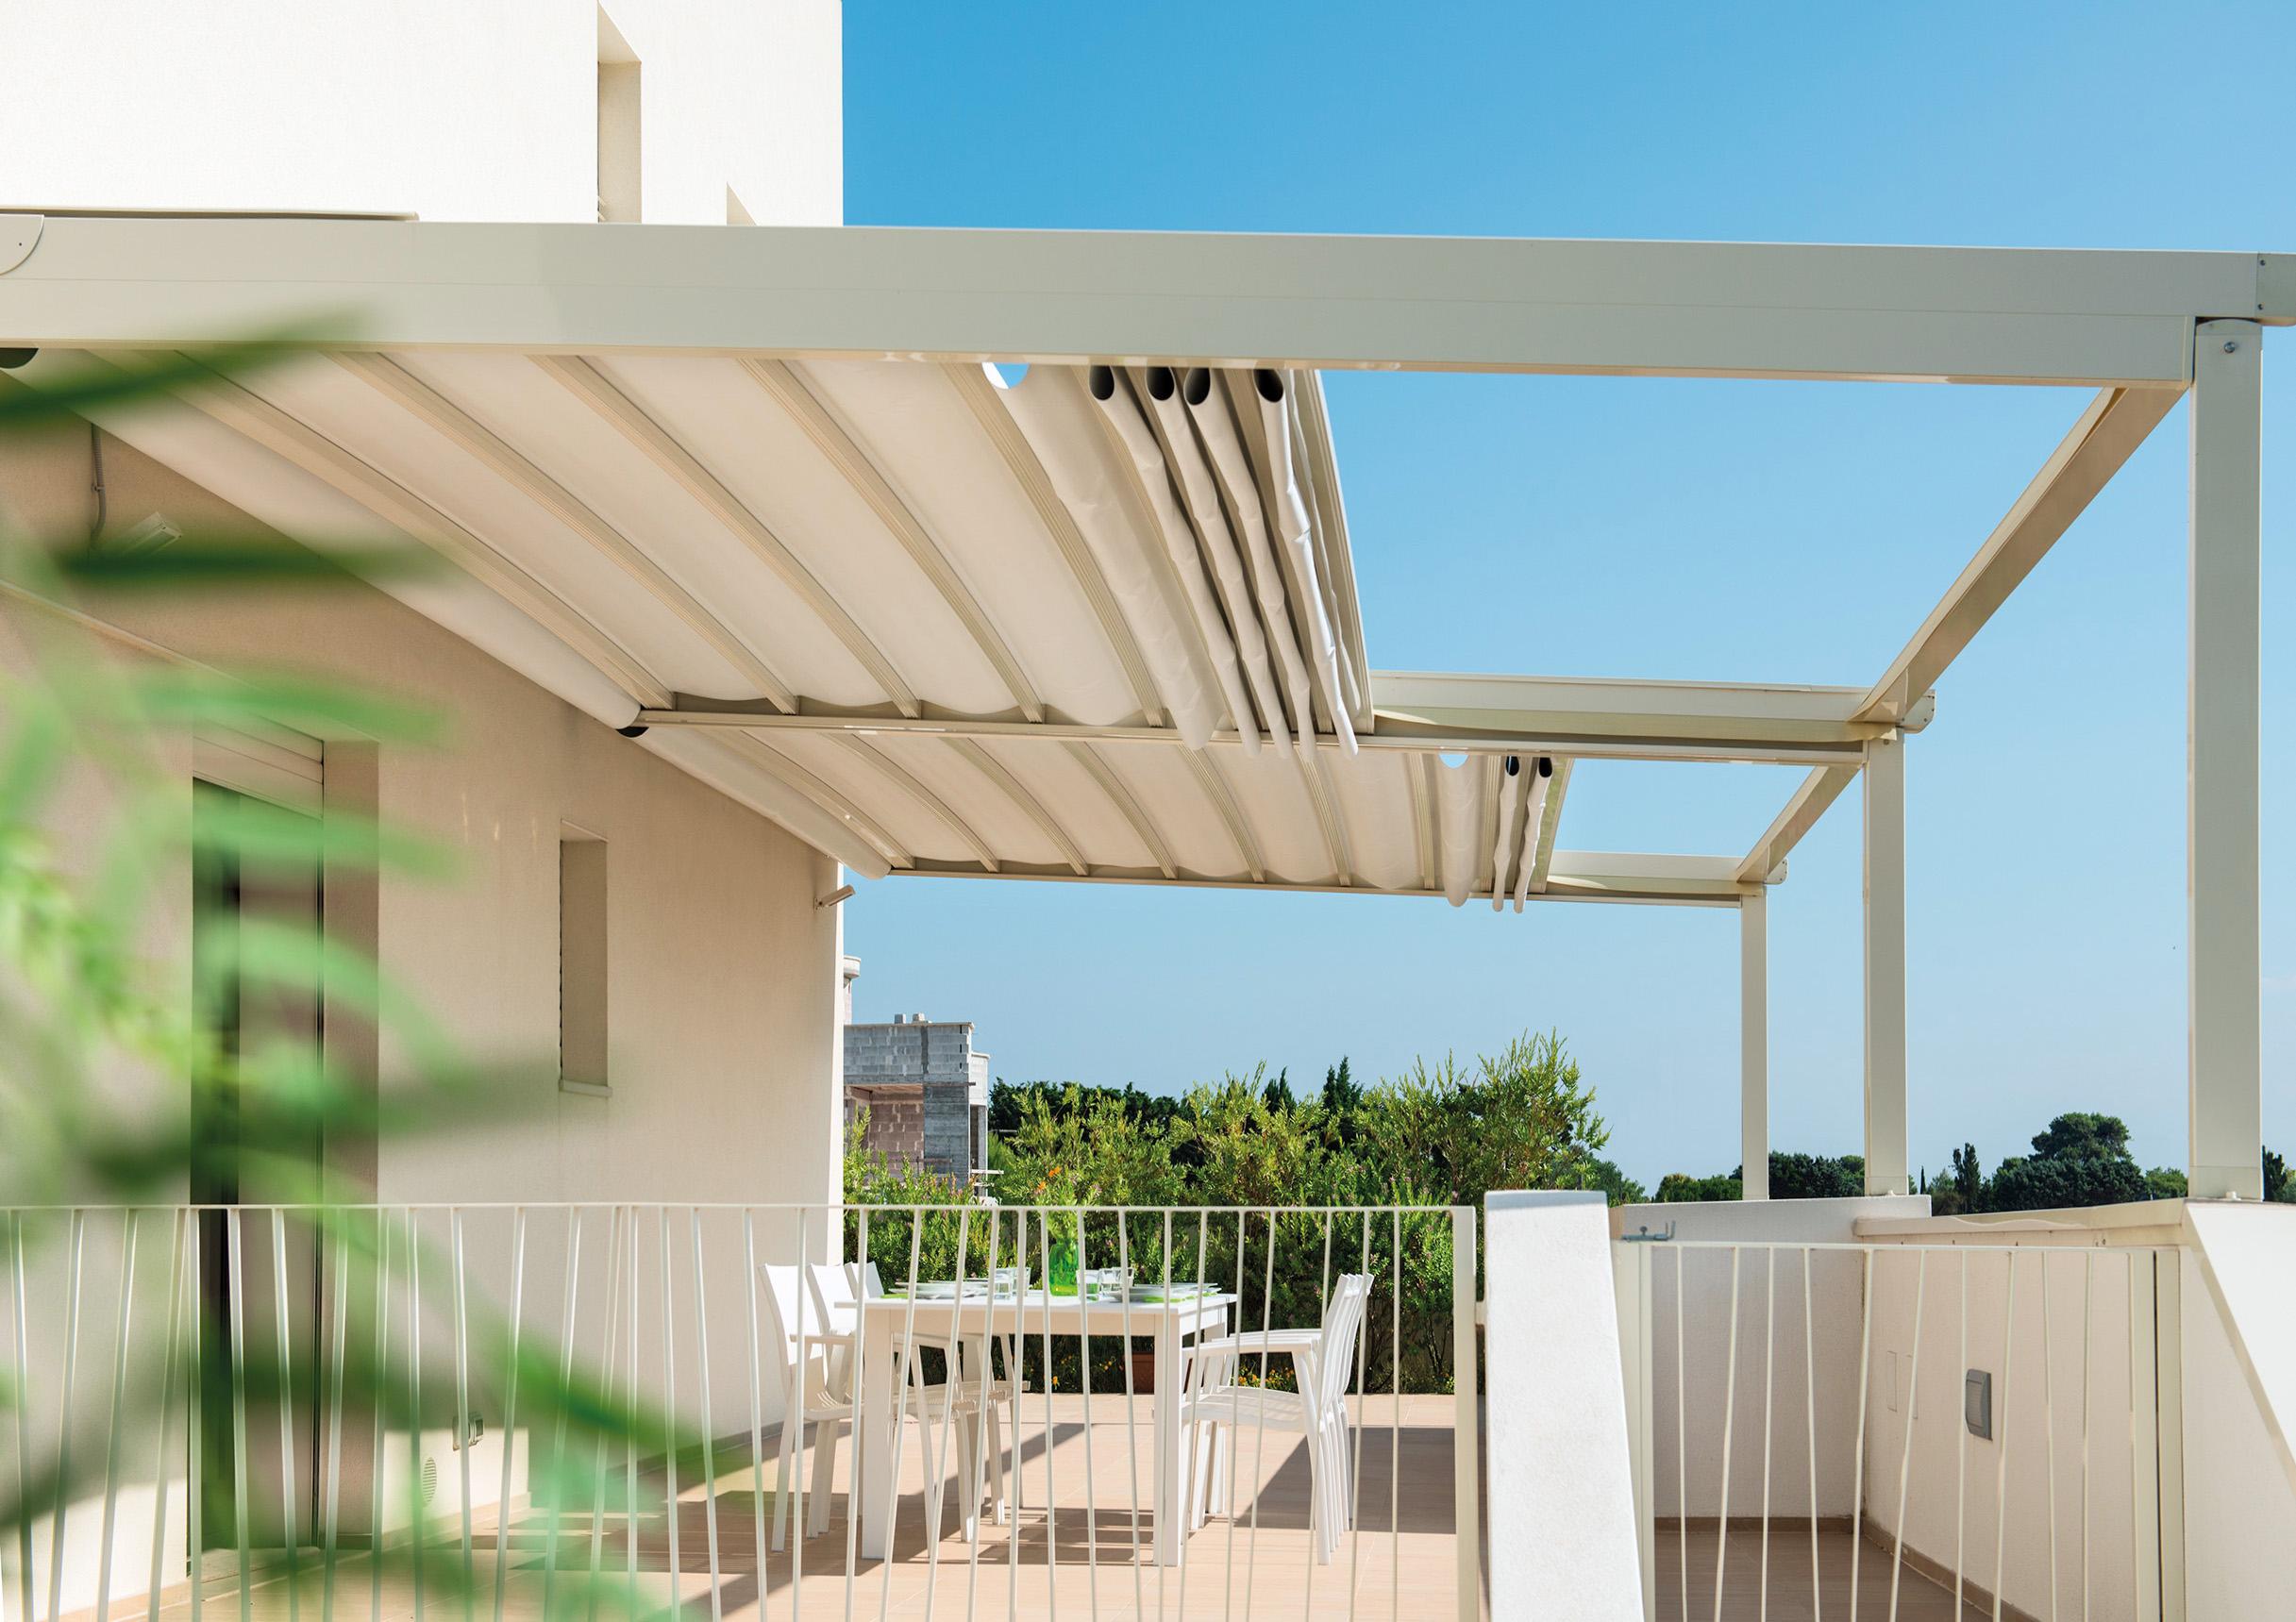 متحرک،سقف جمع شونده،سقف اتوماتیک، سقف برقی 1 - سایبان و سقف متحرک (برقی)